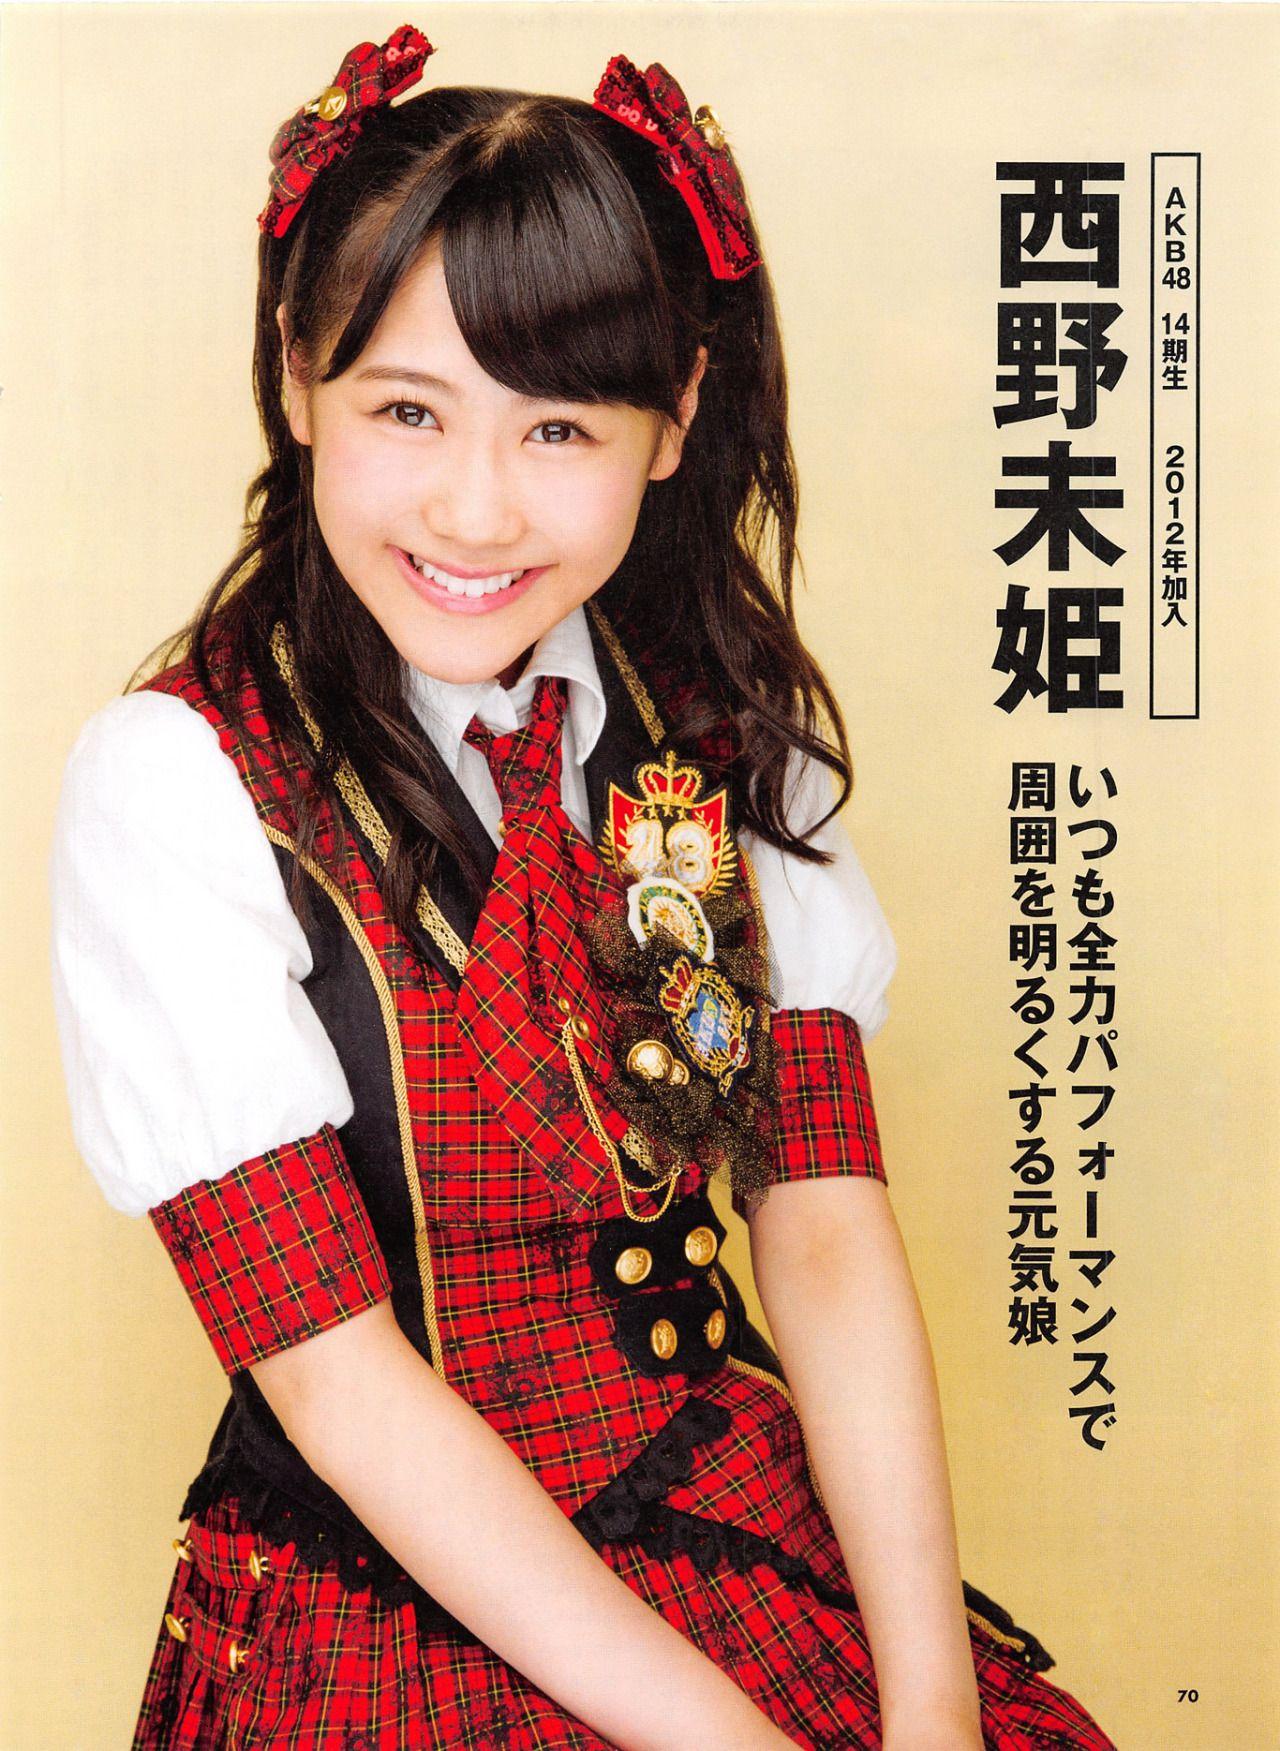 #Miki_Nishino #西野未姫 #AKB48